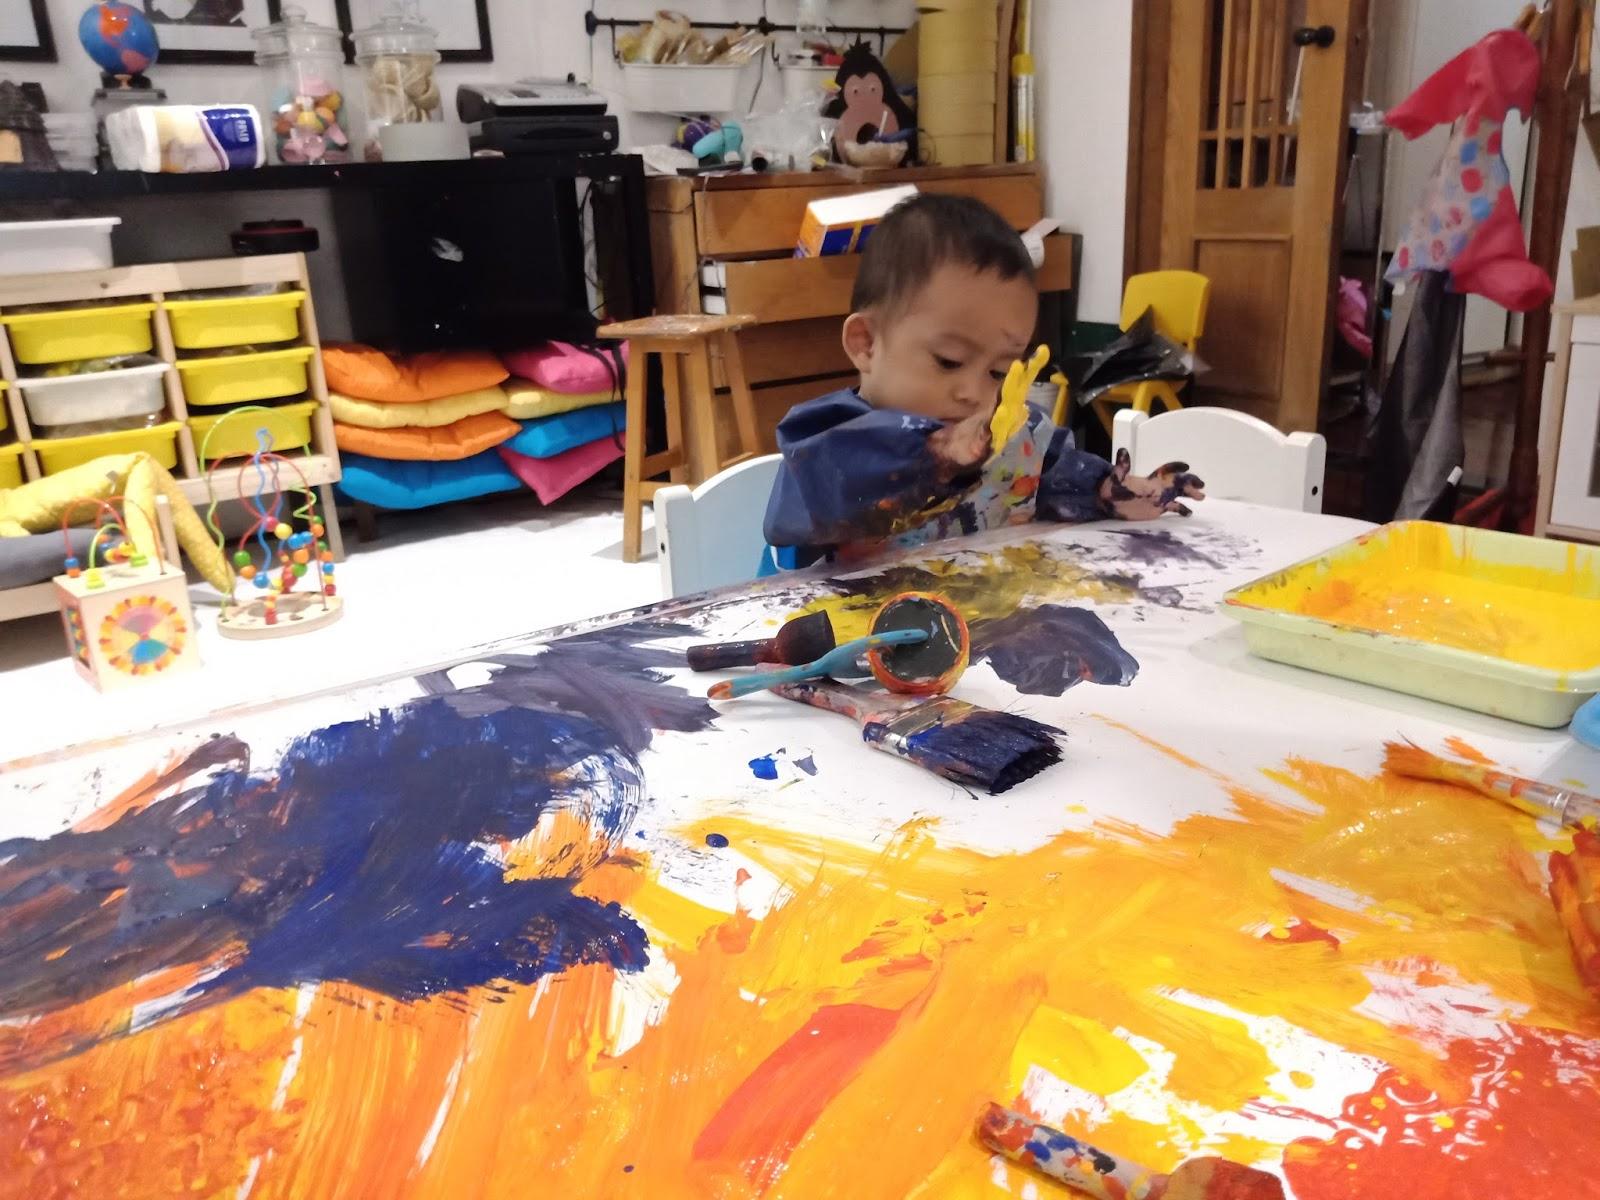 Manfaat Permainan Finger Painting Untuk Anak Usia Dini | Anggraeni Septi